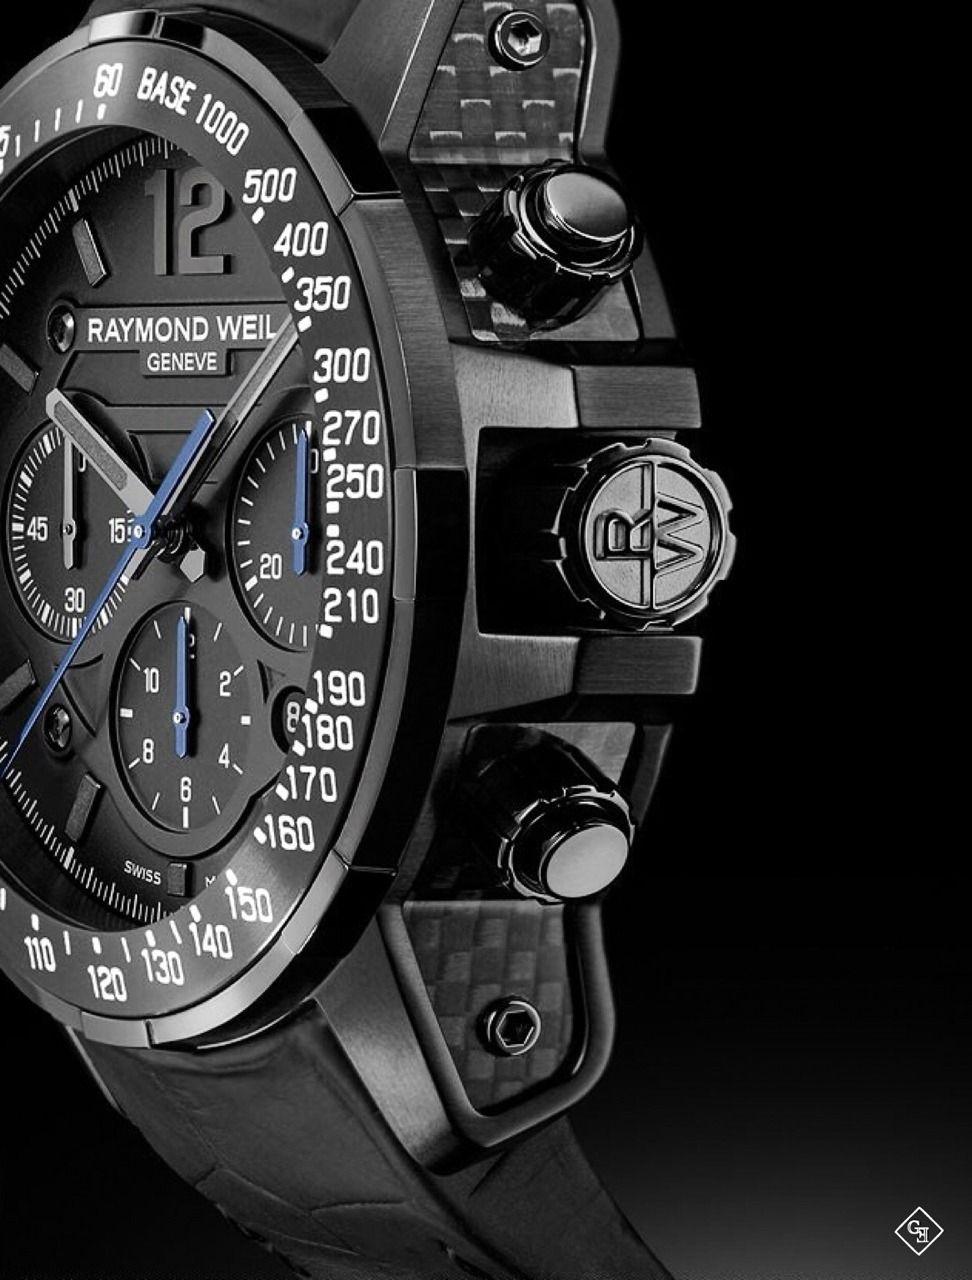 Raymond Weil Gentleman S Essentials Watches Watches For Men Cool Watches